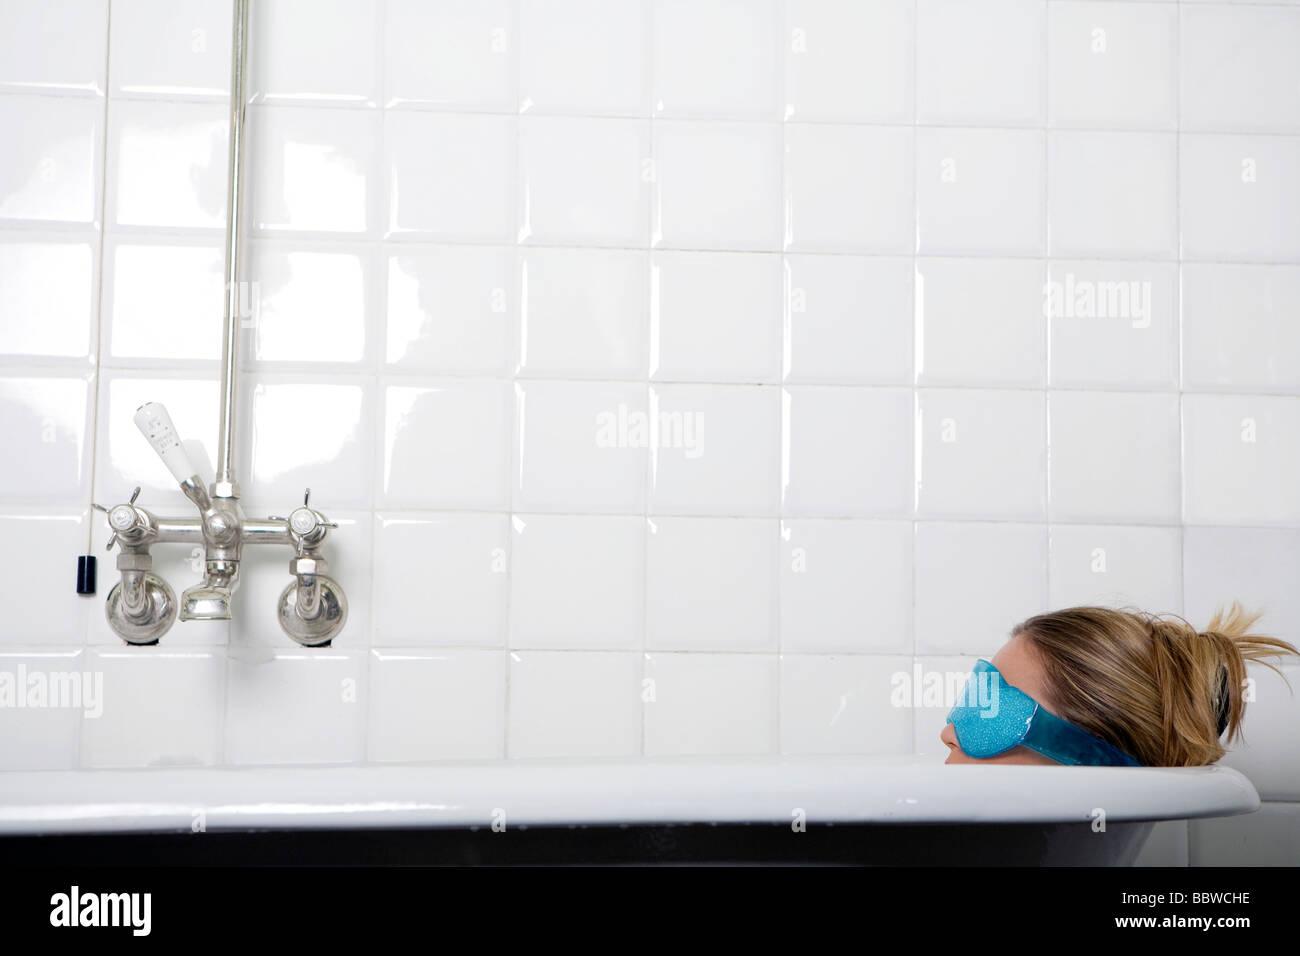 Jeune femme dans une baignoire portant un masque d'oeil Banque D'Images